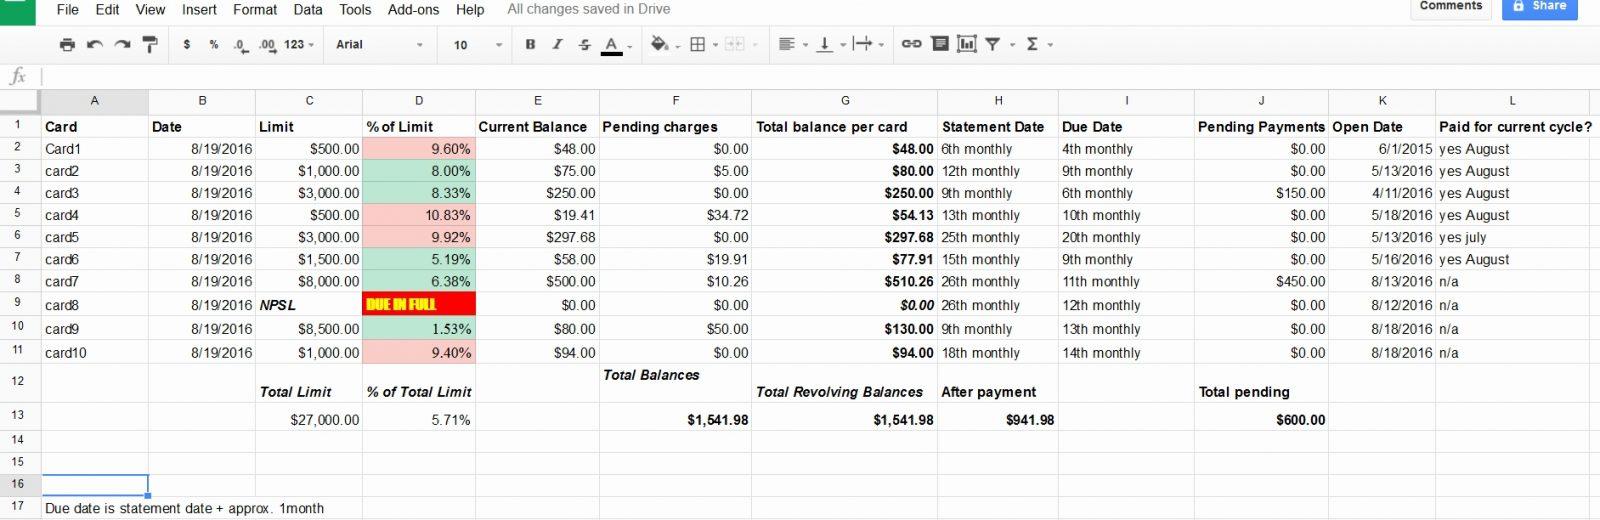 Timber Beam Design Spreadsheet Throughout Flitch Beam Design Spreadsheet Examples Credit Cardment Tracking